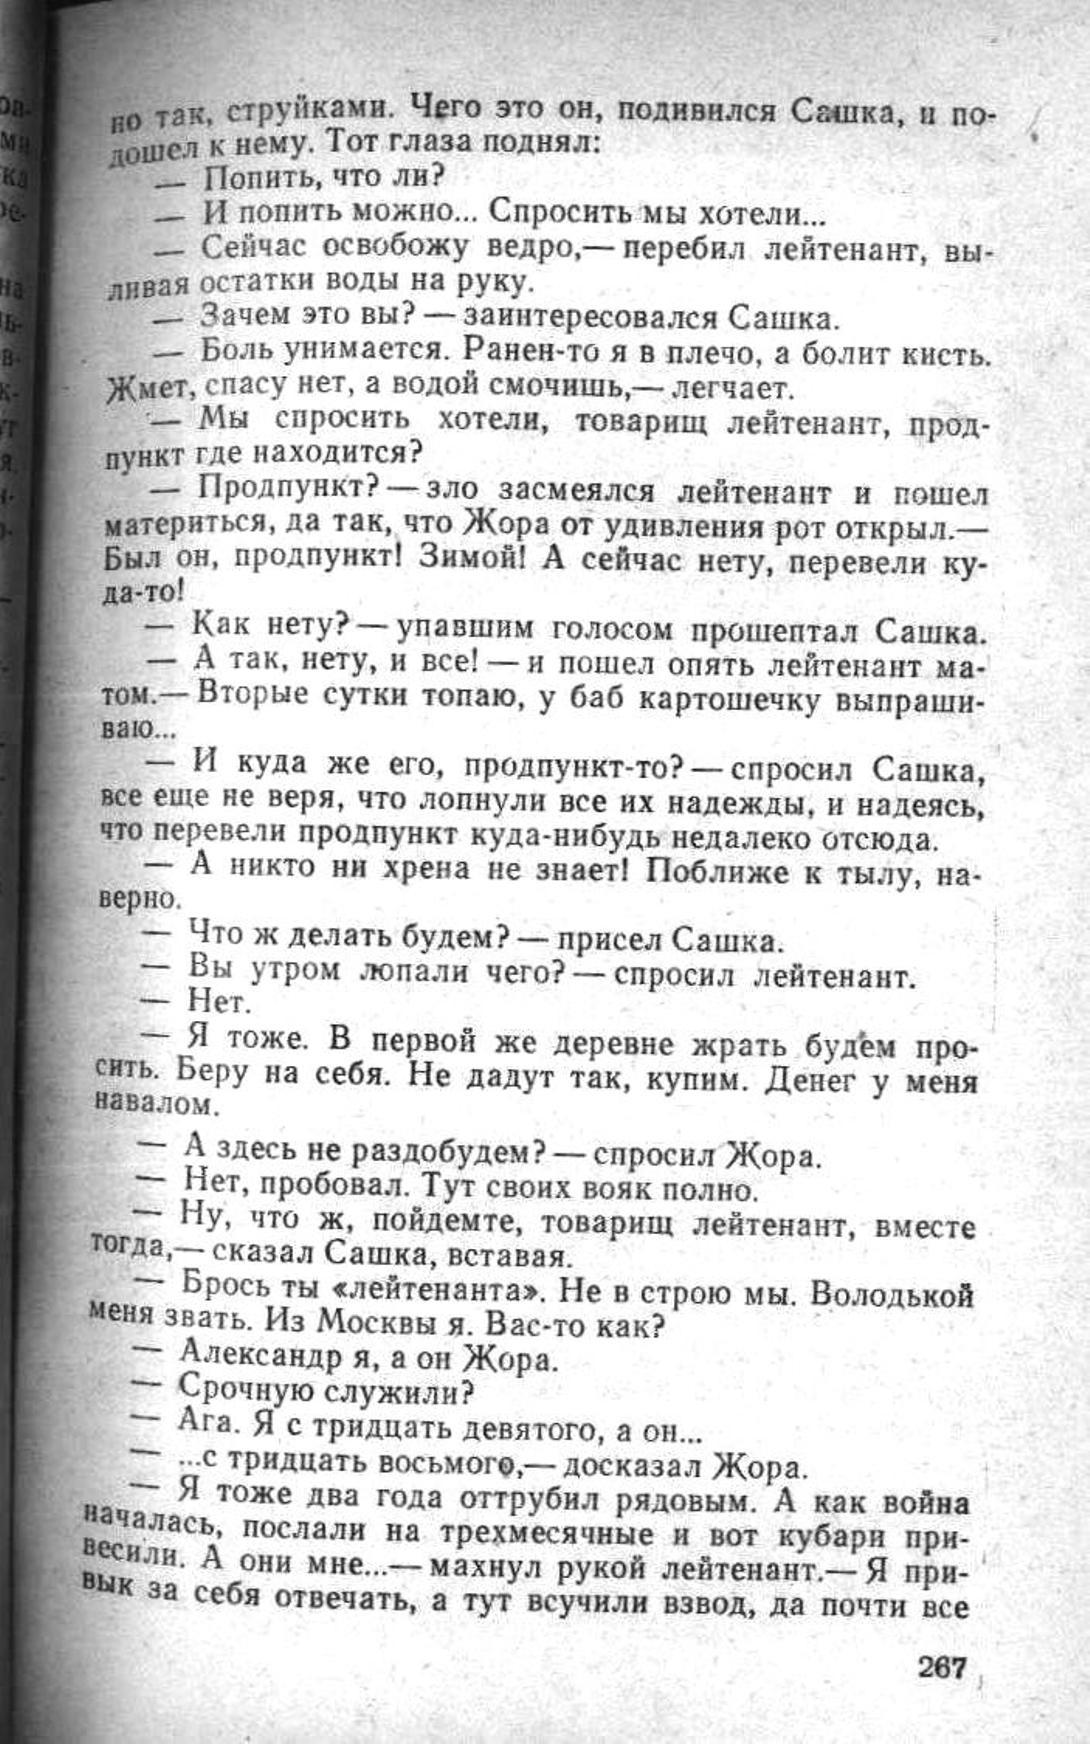 Сашка. Повесть. Вячеслав Кондратьев. 013. 006